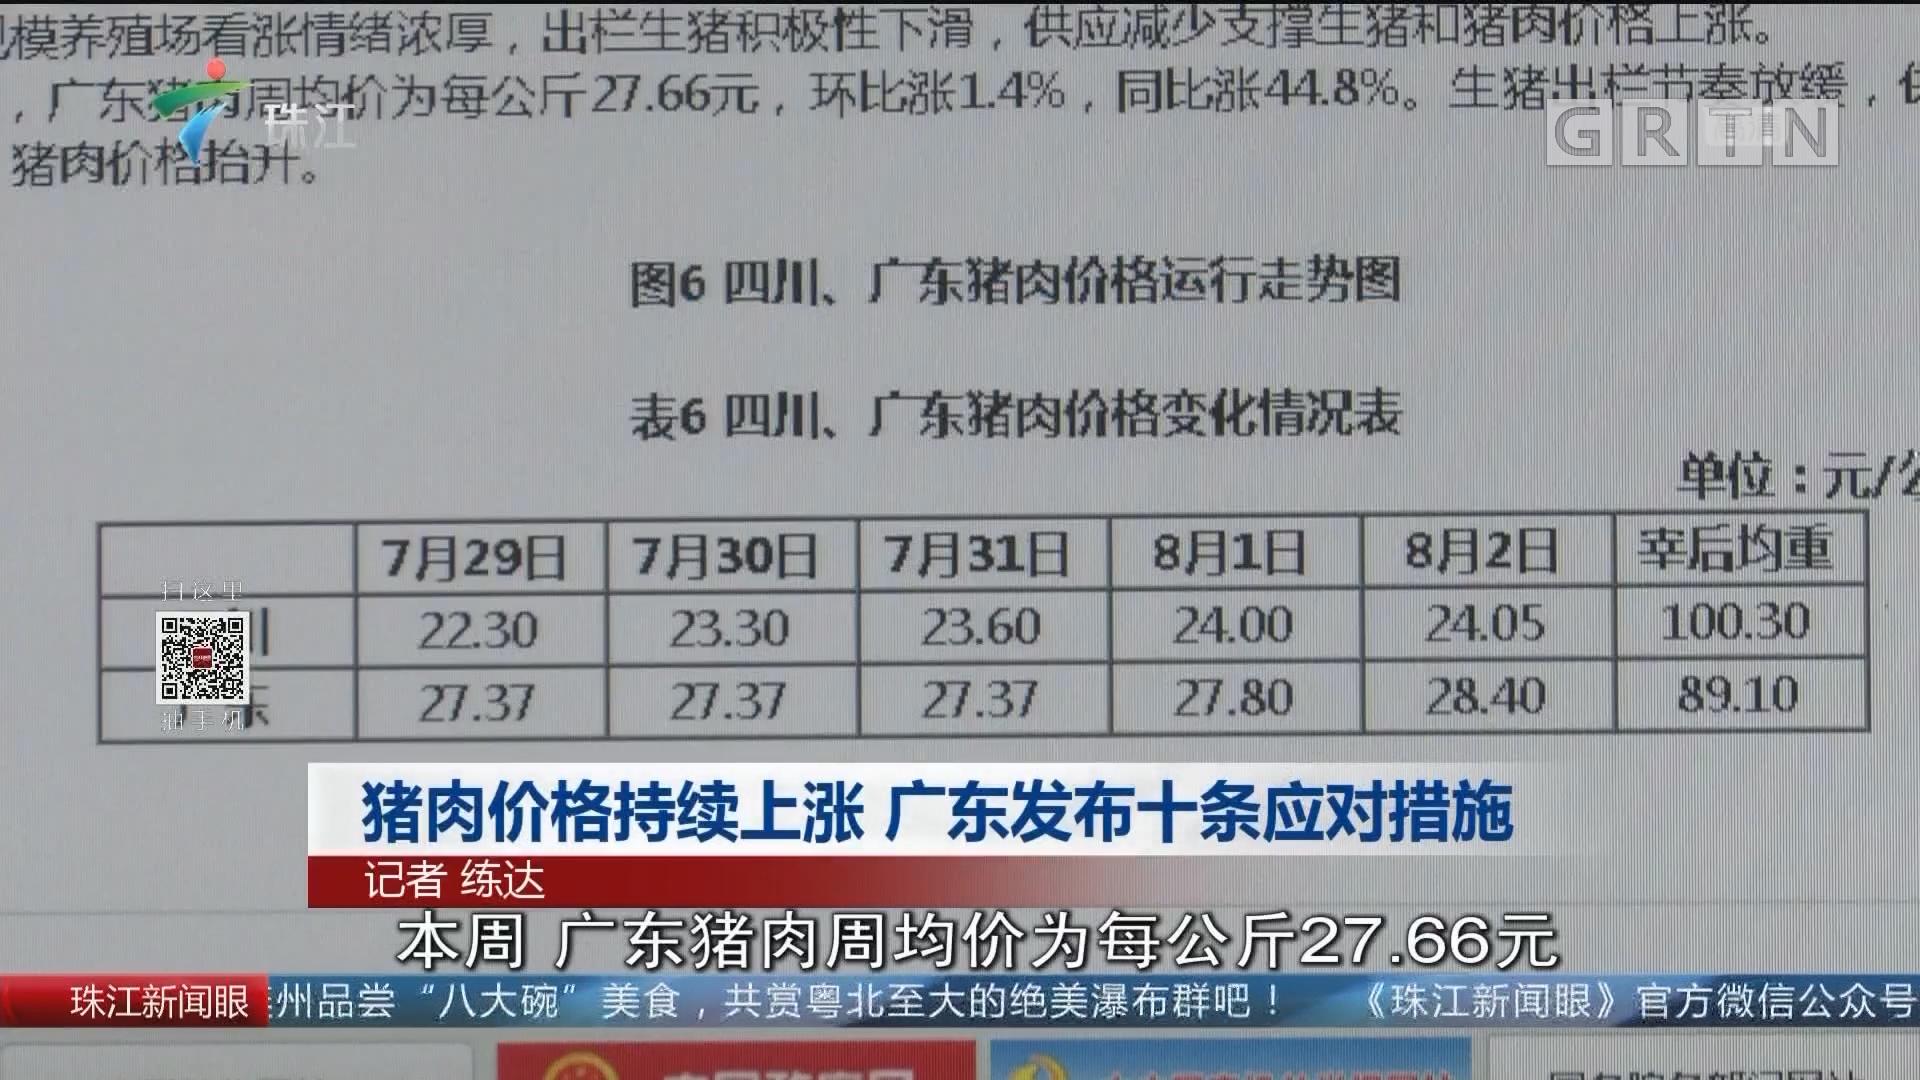 猪肉价格持续上涨 广东发布十条应对措施